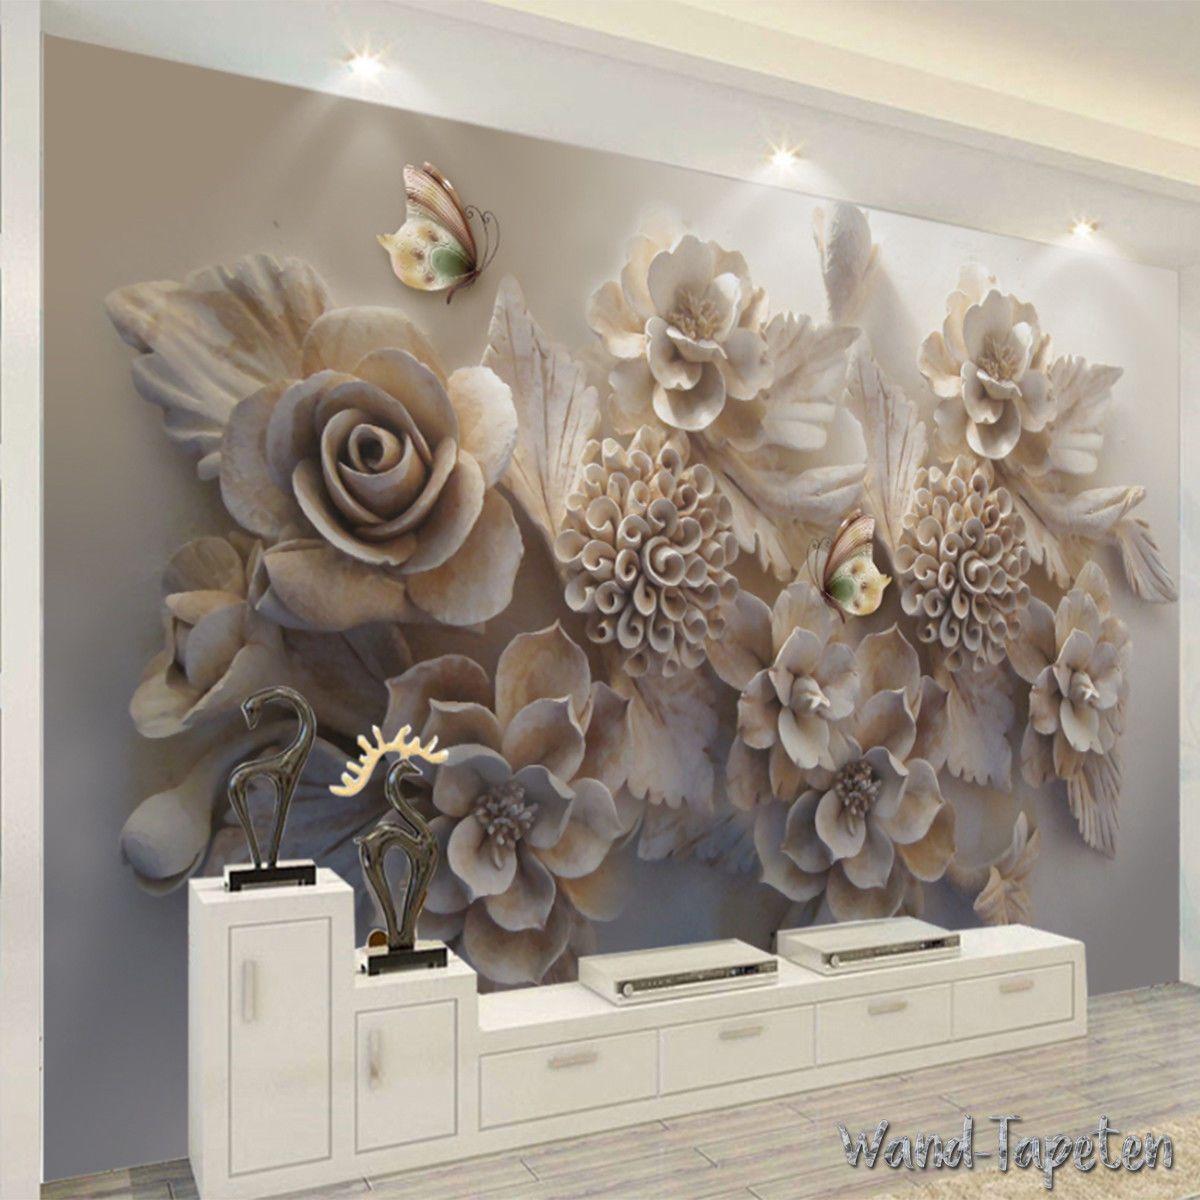 VLIES FOTOTAPETEN WANDTAPETEN Wandbilder 3D-Schöner Schmetterling